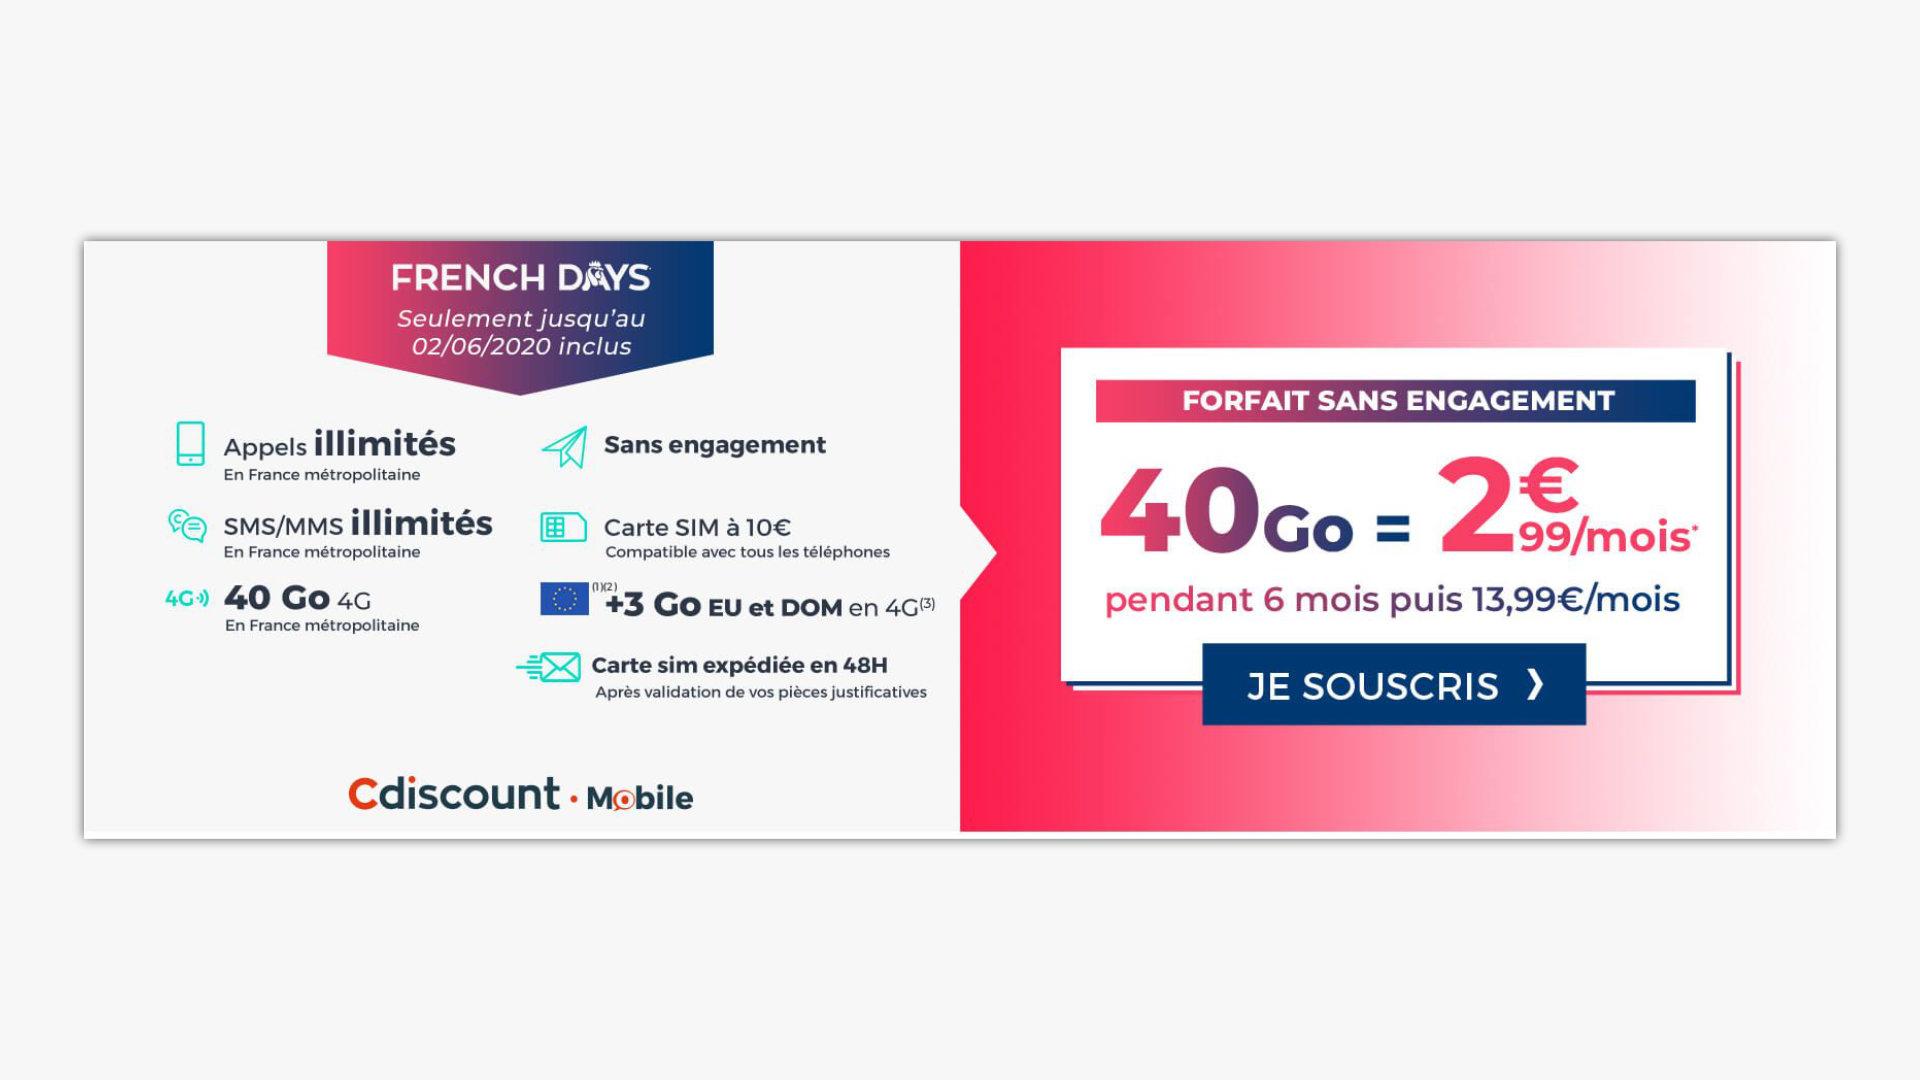 forfait mobile 2 99 eur free